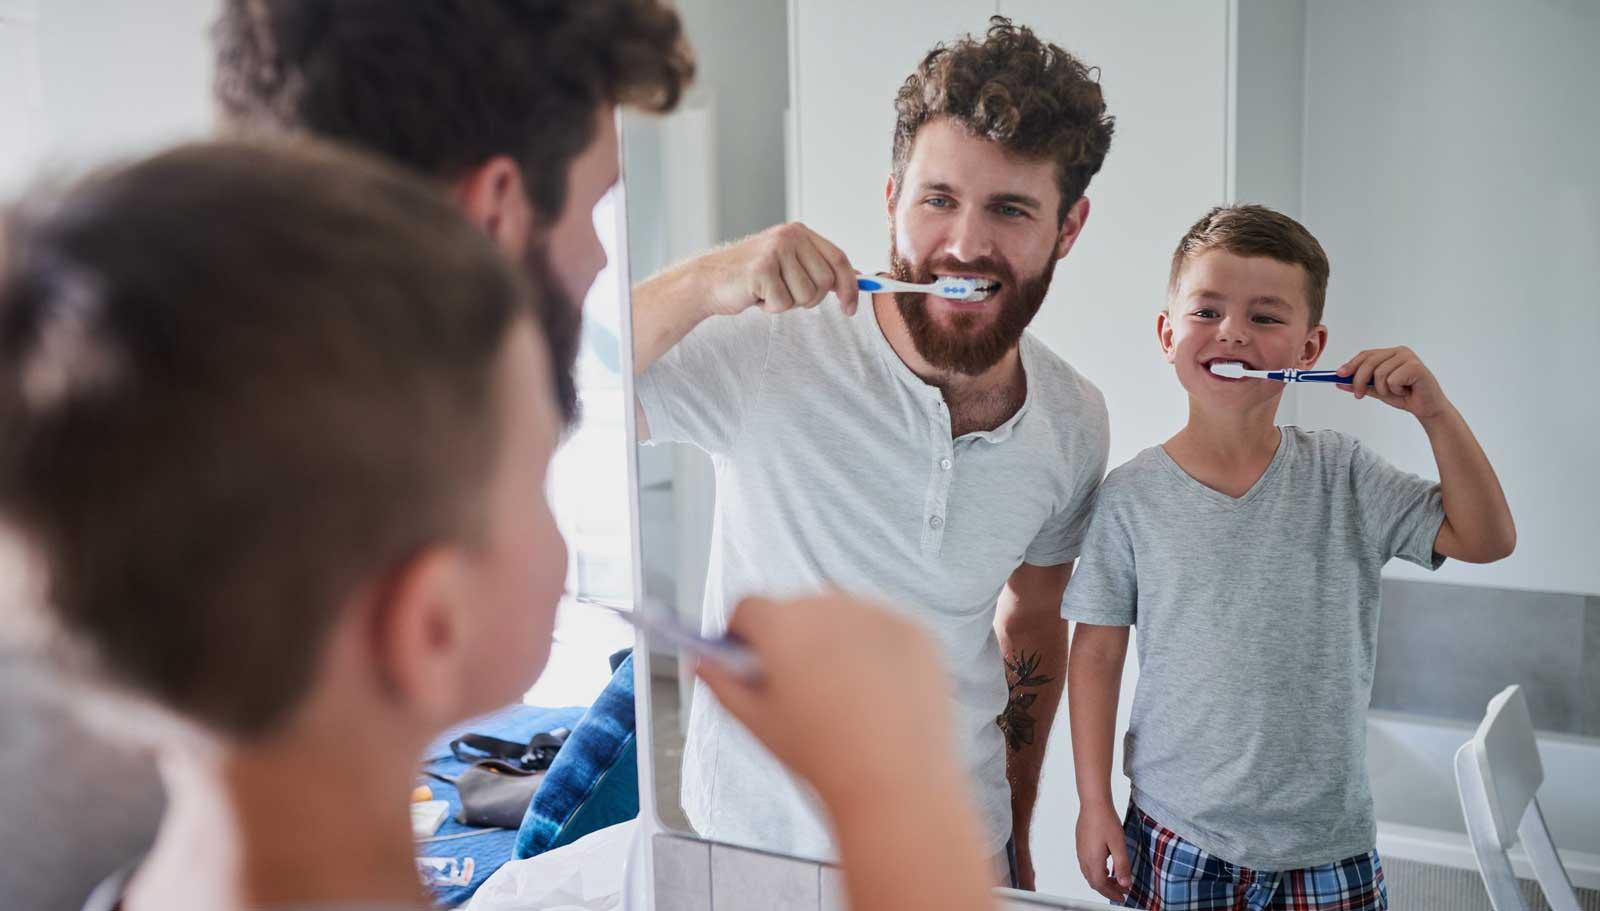 la bonne façon de se brosser les dents